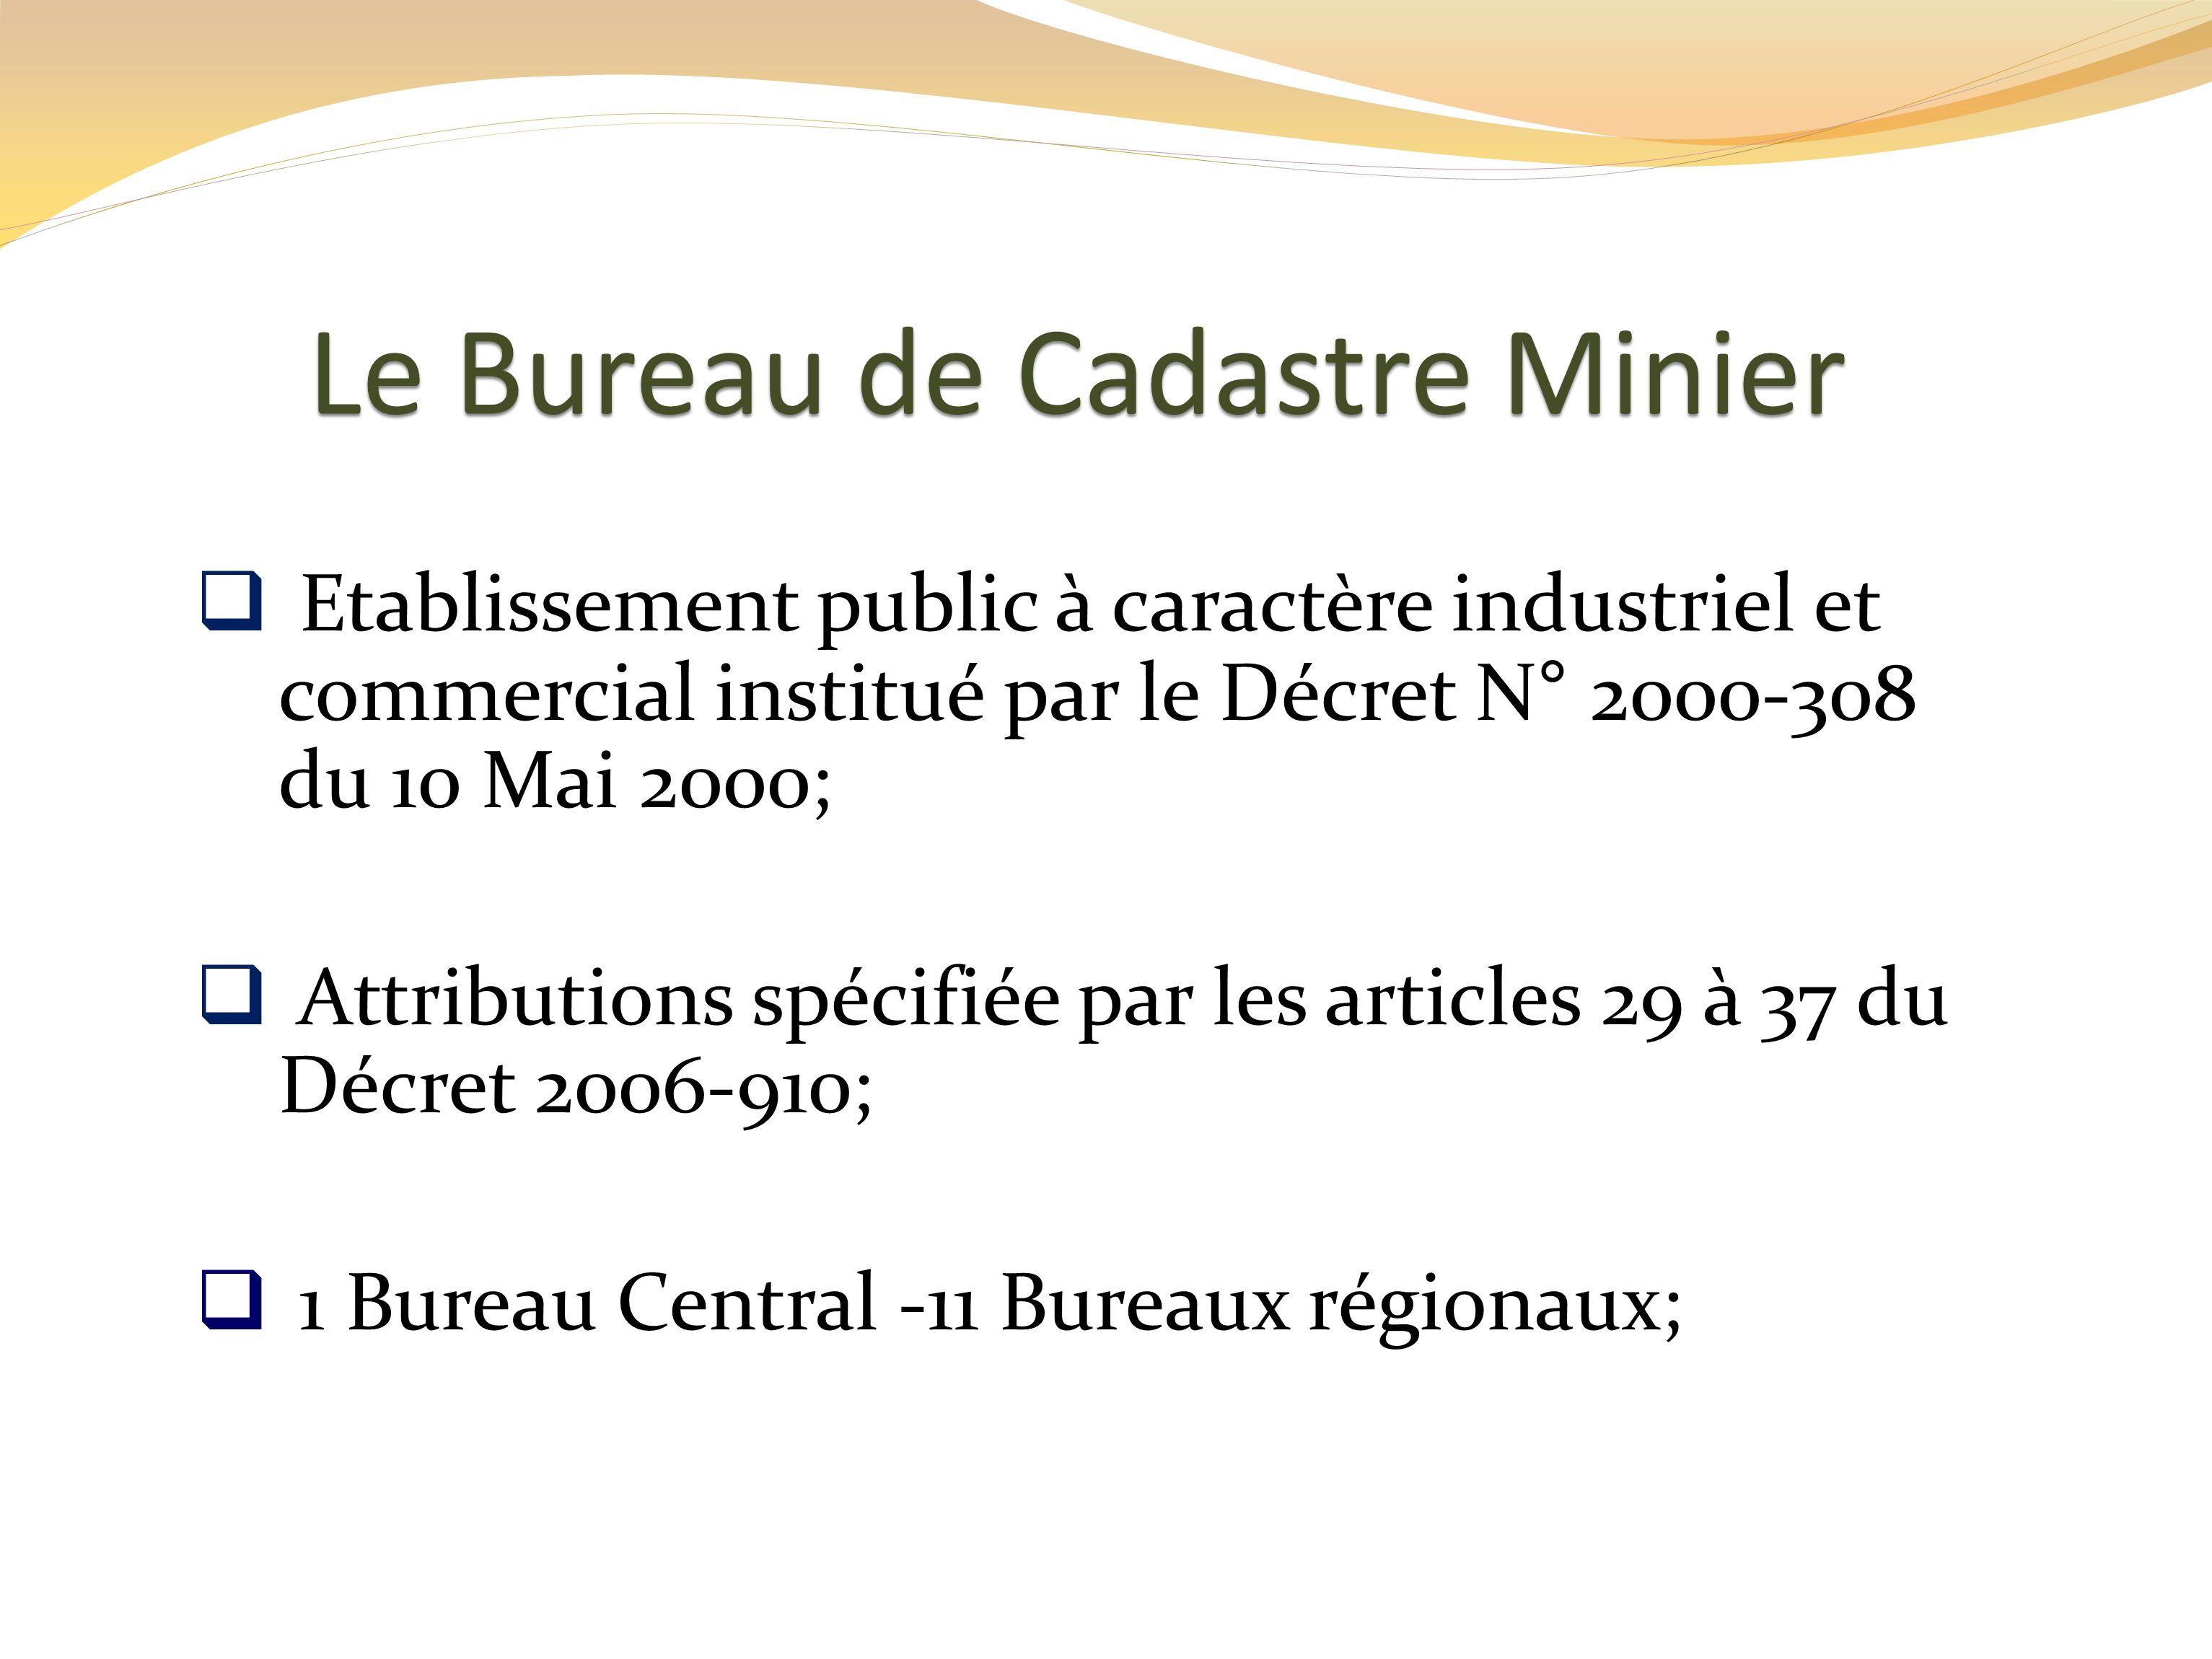 Le Bureau de Cadastre Minier Etablissement public à caractère industriel et commercial institué par le Décret N° 2000-308 du 10 Mai 2000; Attributions spécifiée par les articles 29 à 37 du Décret 2006-910; 1 Bureau Central -11 Bureaux régionaux;